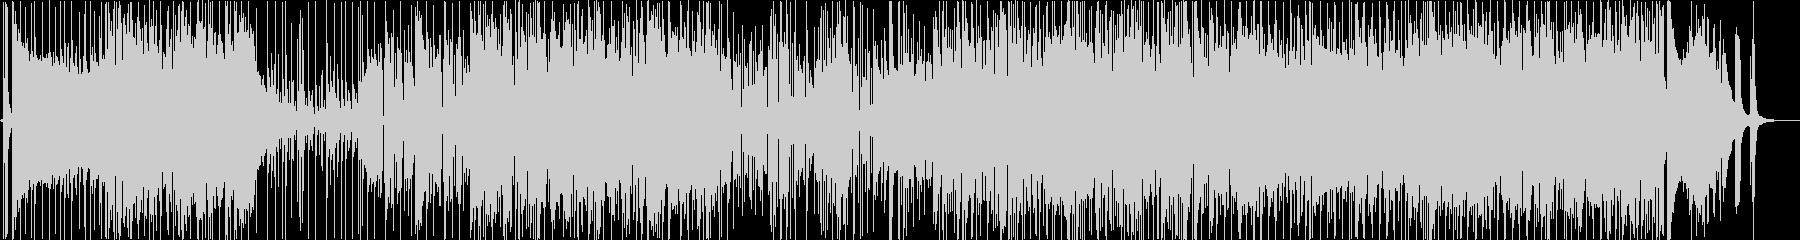 ディスコやファンクの様なノリの未再生の波形